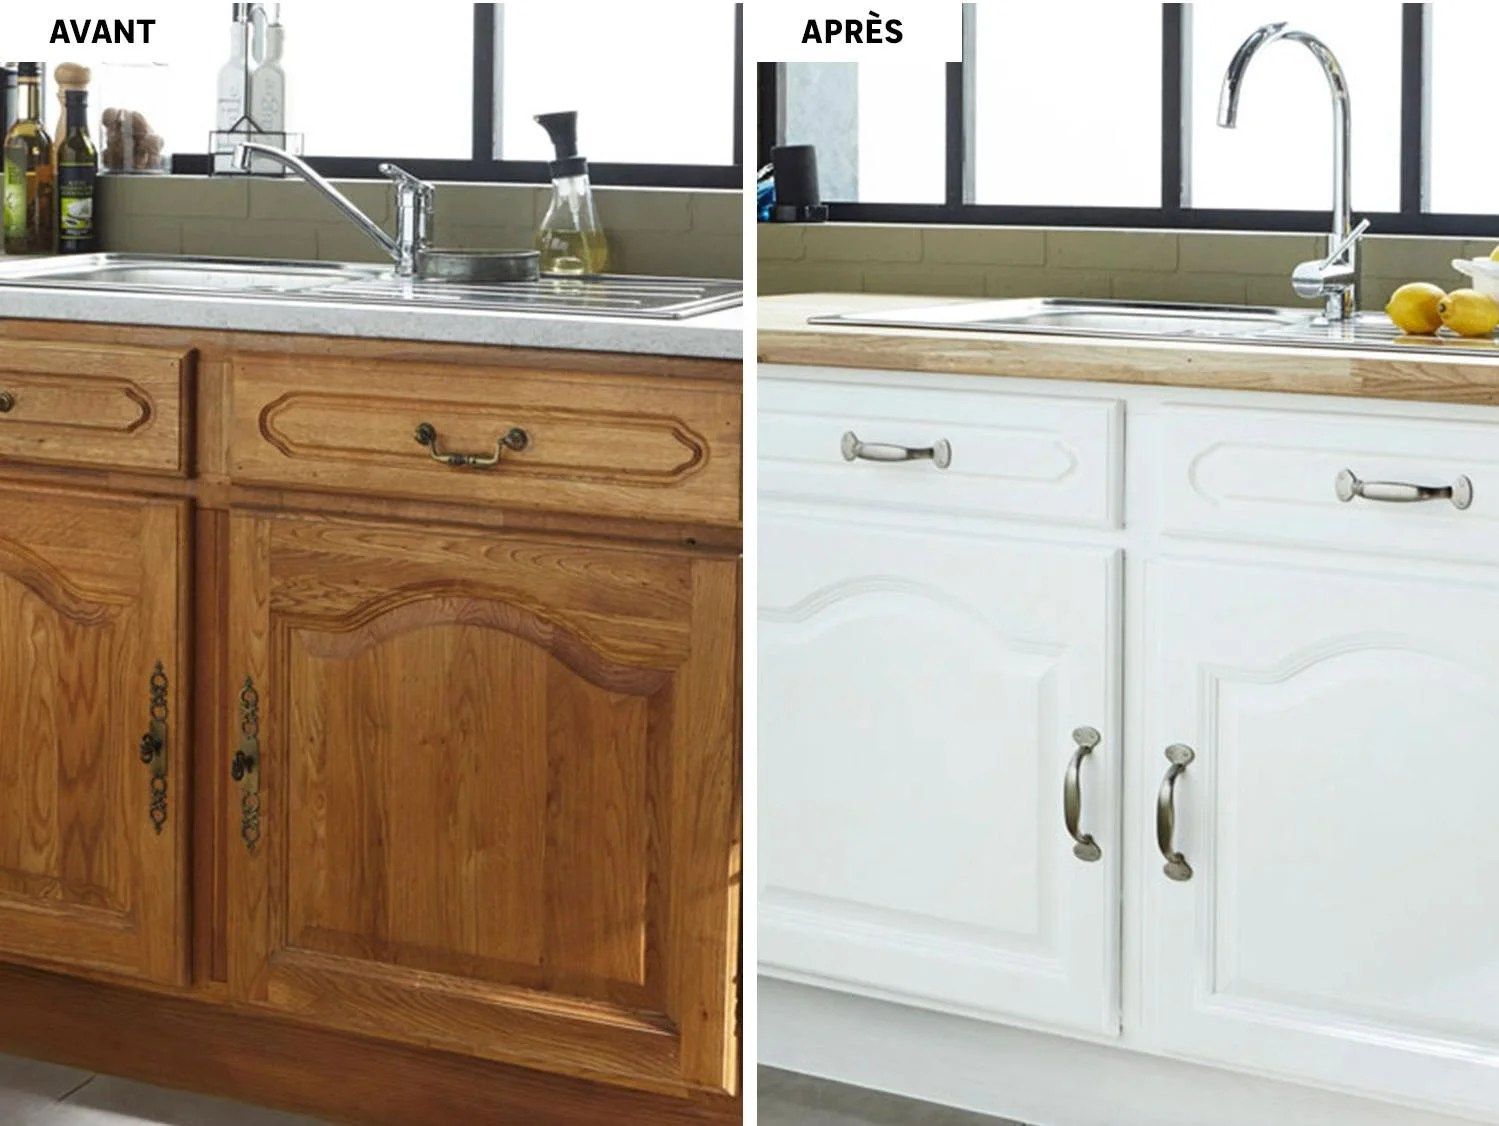 peinture cuisine meuble et credence decolab v33 blanc satine 2 l